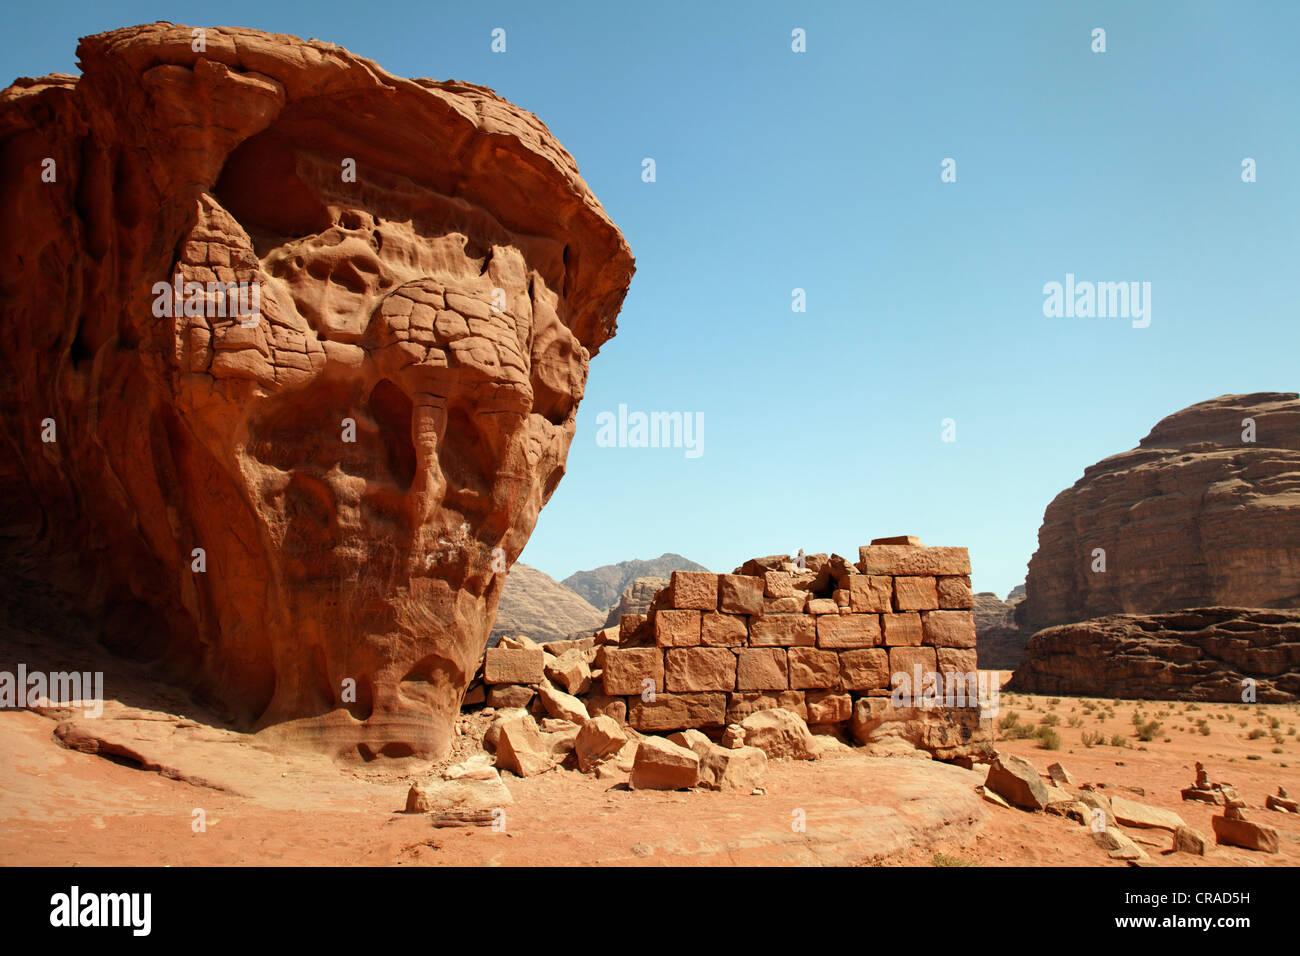 Chambre à partir de Lawrence d'Arabie, ruine, mur, désert, Wadi Rum, Royaume hachémite de Jordanie, Photo Stock